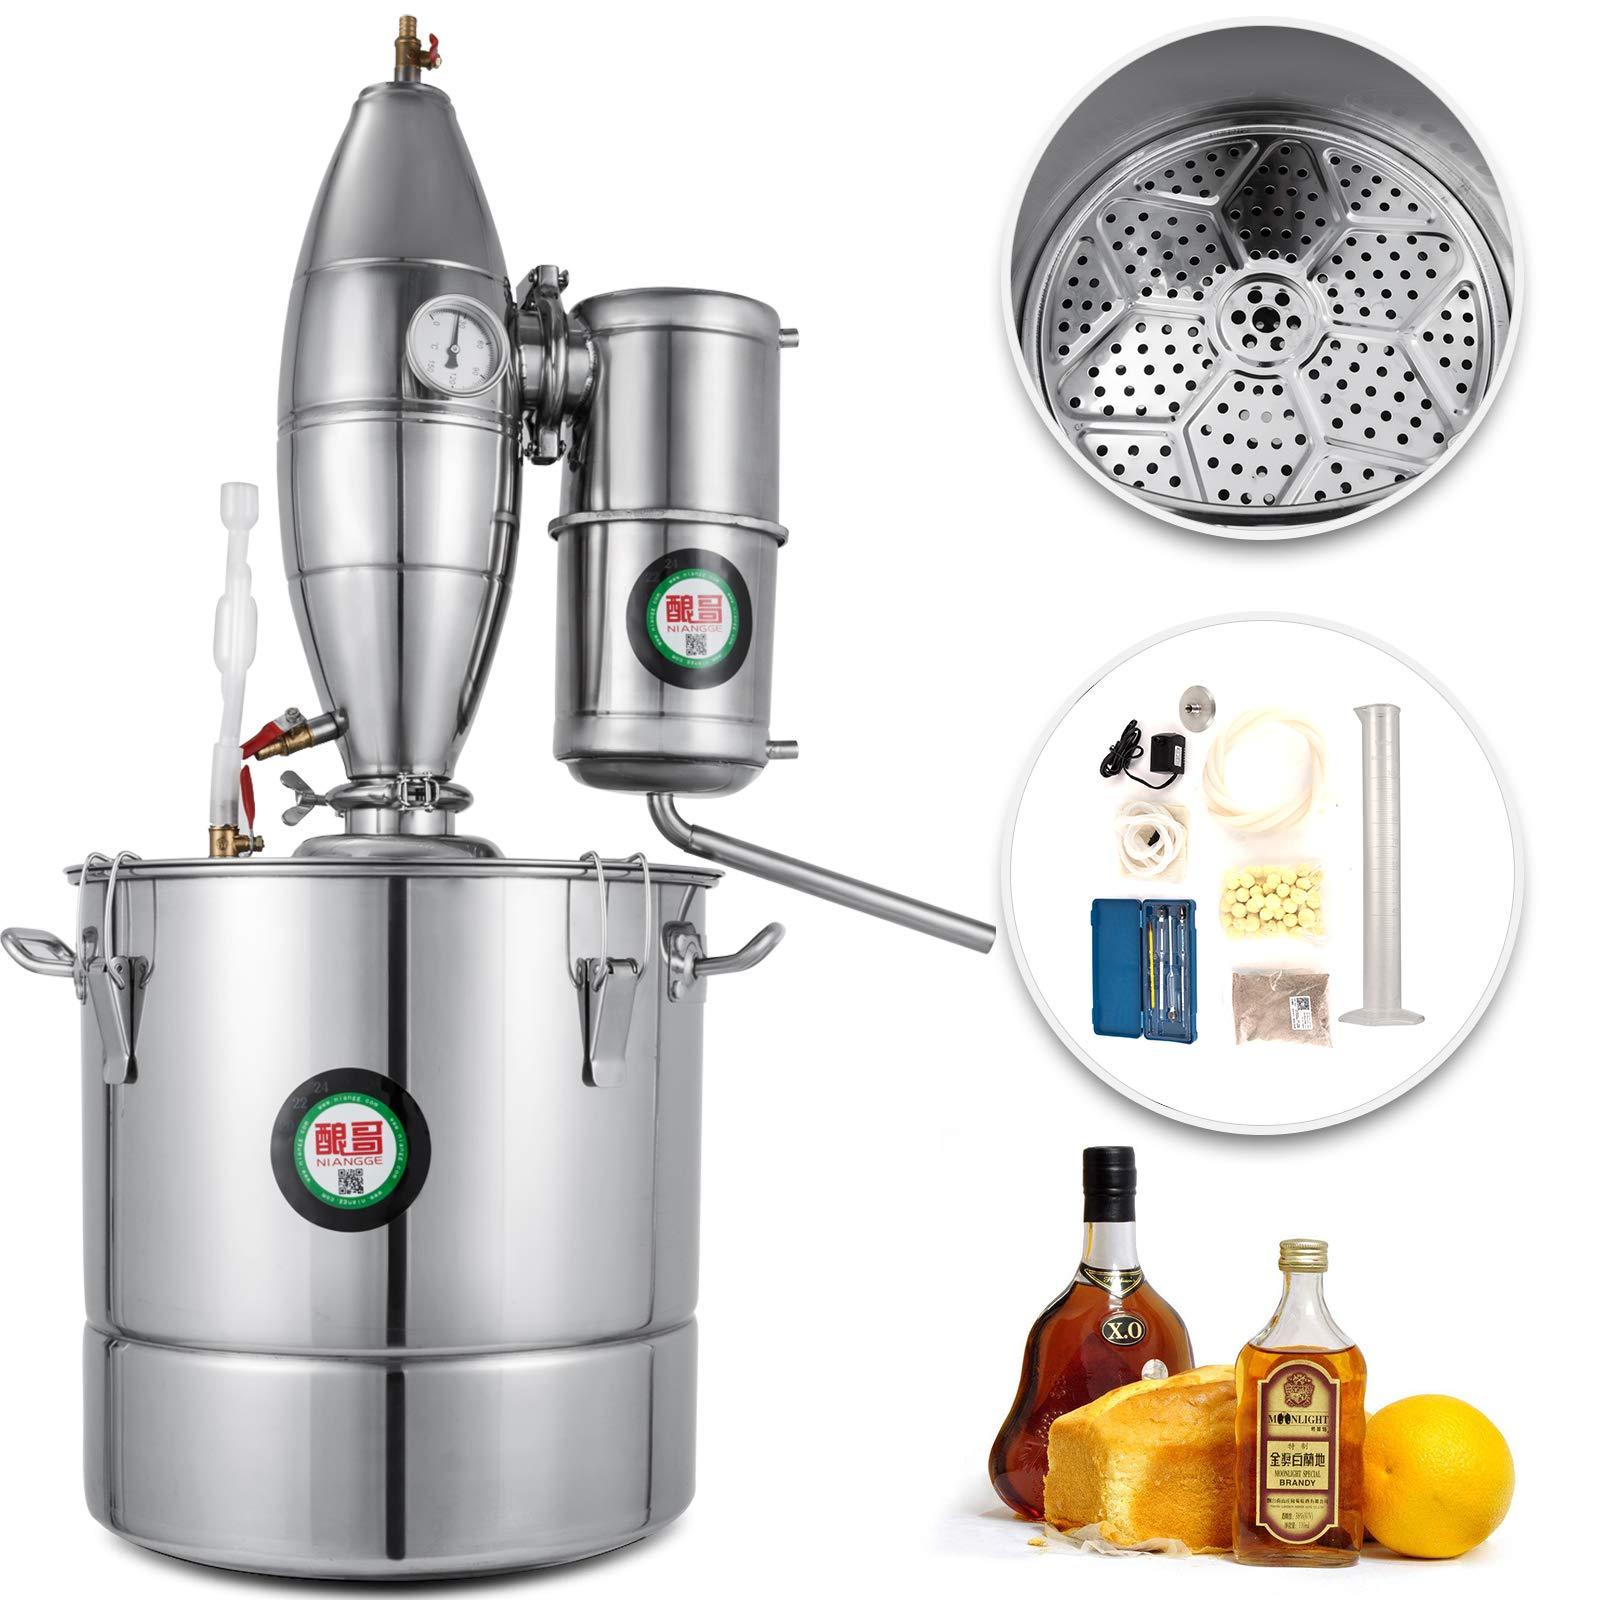 VEVOR 50L 13.2Gal Water Alcohol Distiller 304 Stainless Steel Alcohol Distiller Home Kit Moonshine Wine Making Boiler with Thermometer (50L Distiller)